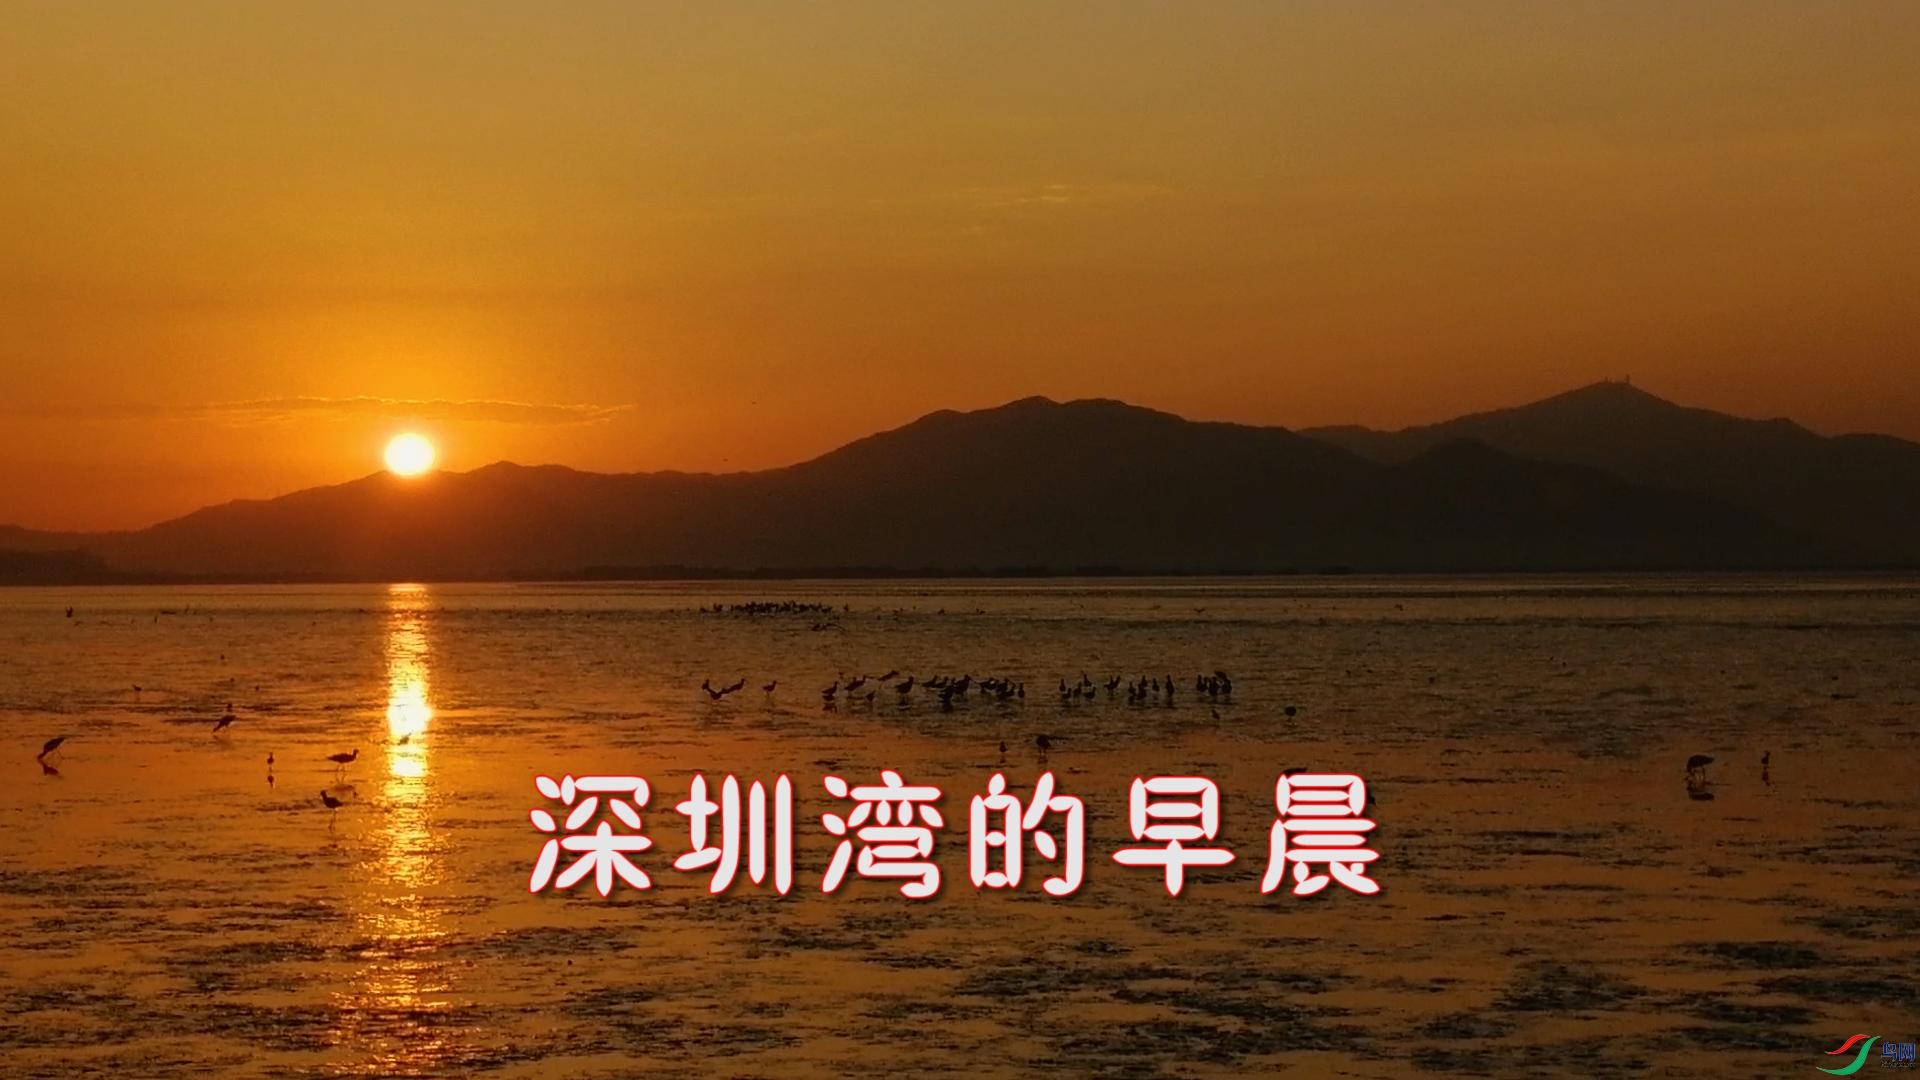 深圳湾早晨.jpg